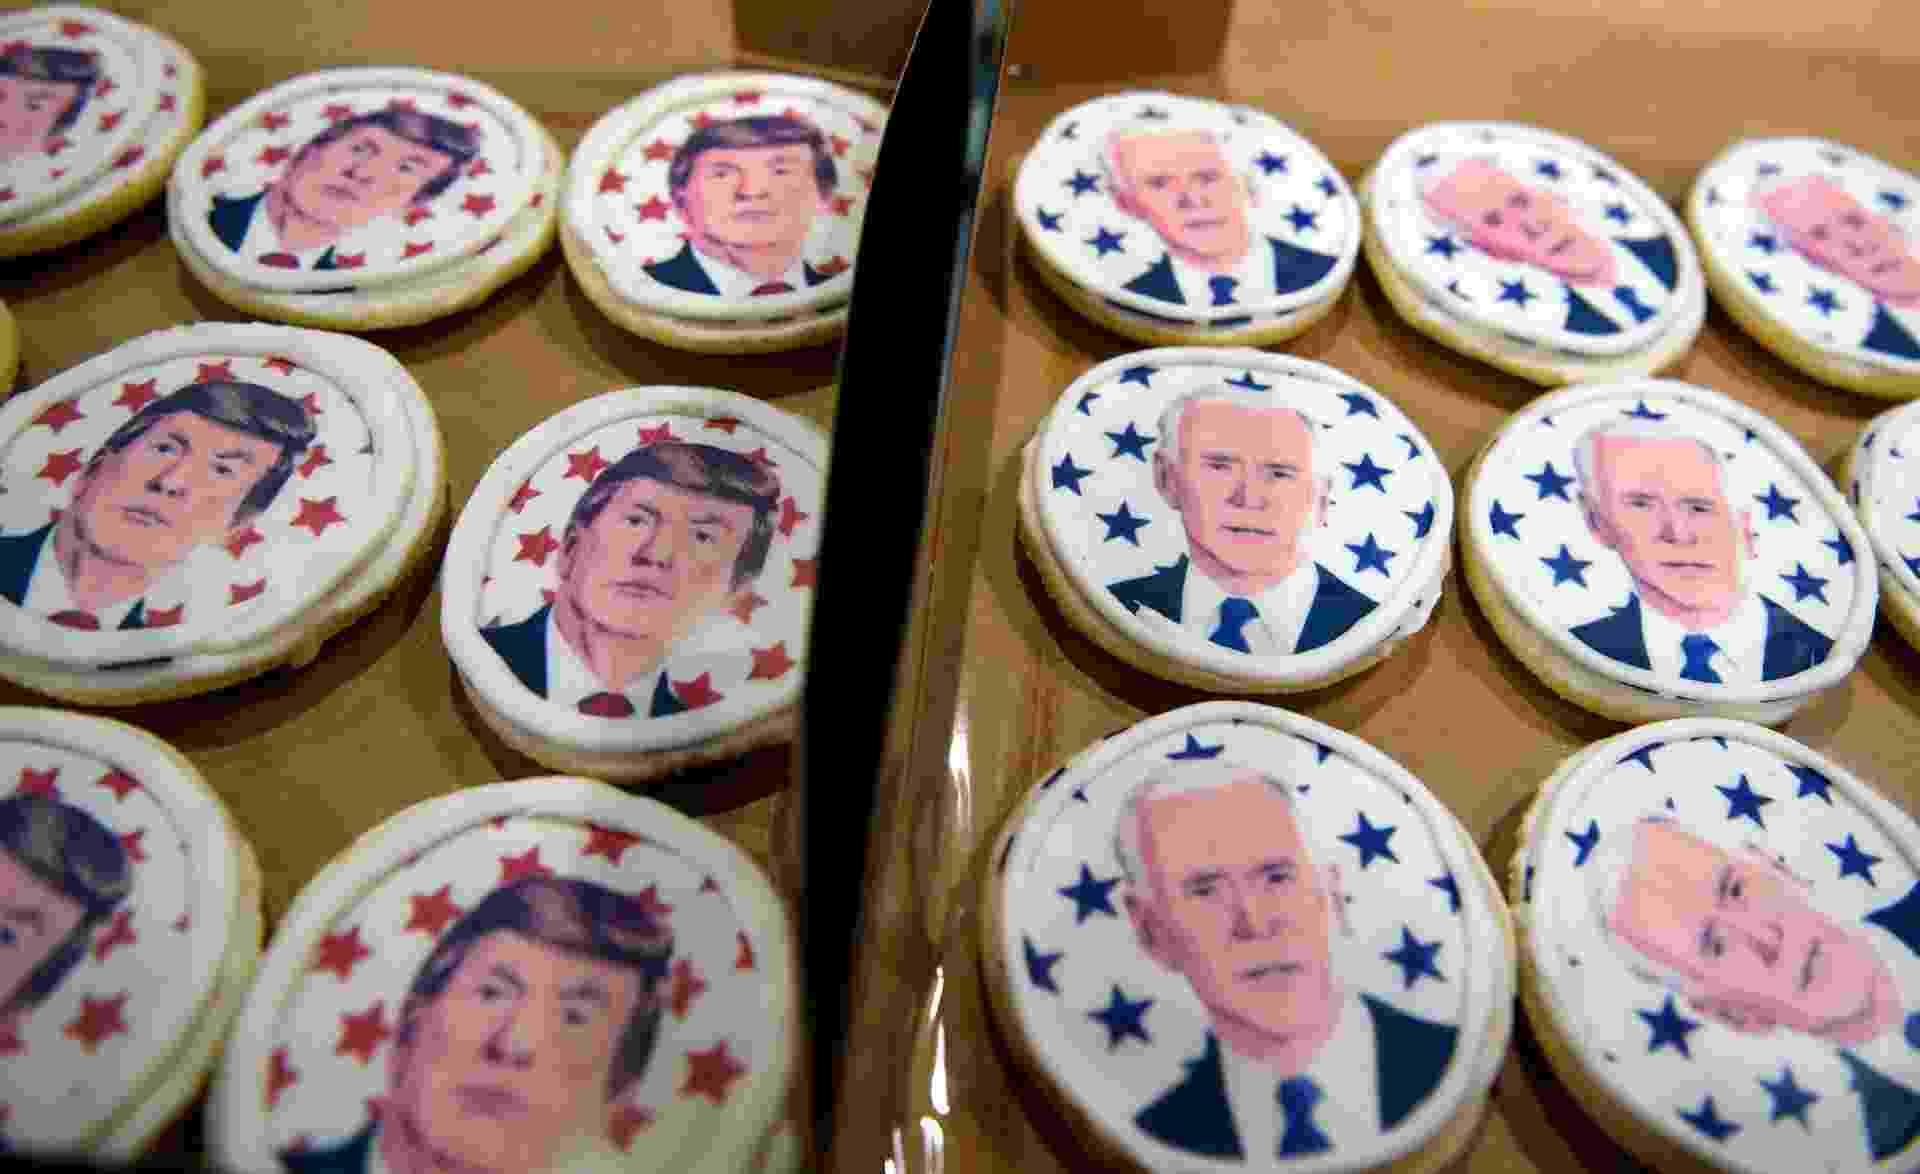 03 out. 2020 - Padaria Oakmont Bakery, na Pensilvânia, vende biscoitos com os rostos de Trump e Biden - Jeff Swensen/Getty Images